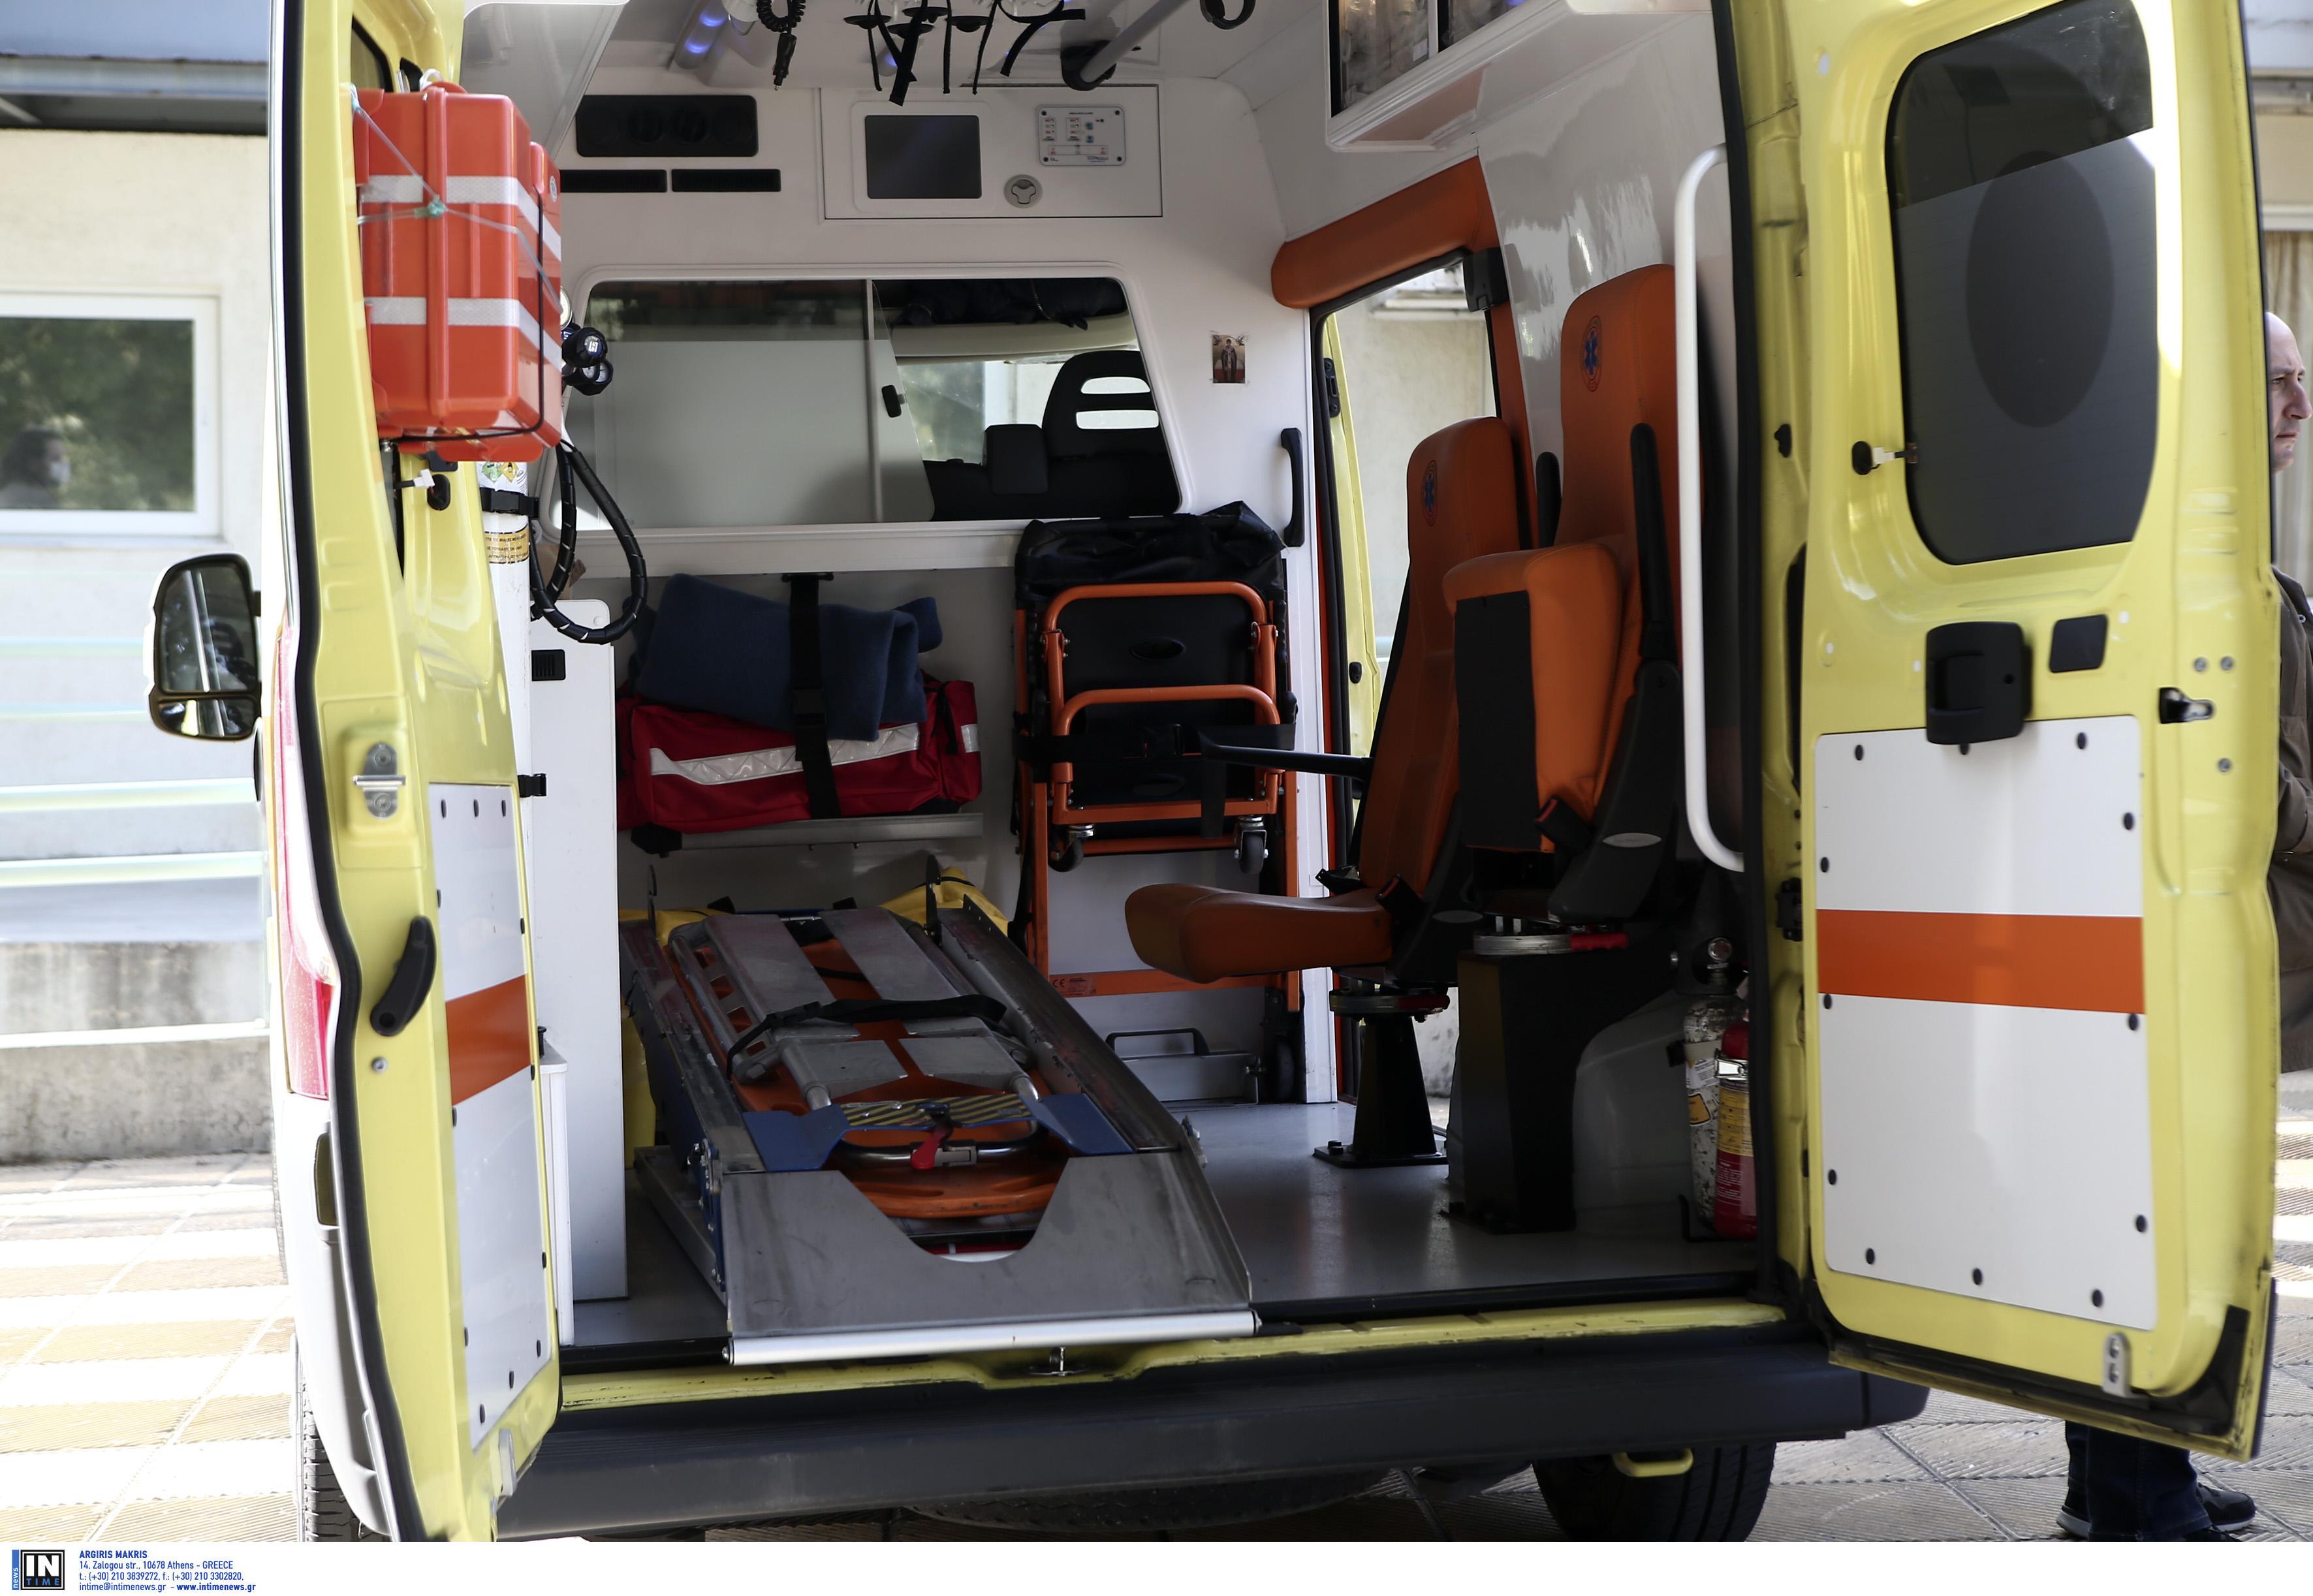 Βέροια: Σπαραγμός για τον αναπάντεχο θάνατο πατέρα δύο παιδιών – Έπαθε ηλεκτροπληξία στο σπίτι του!